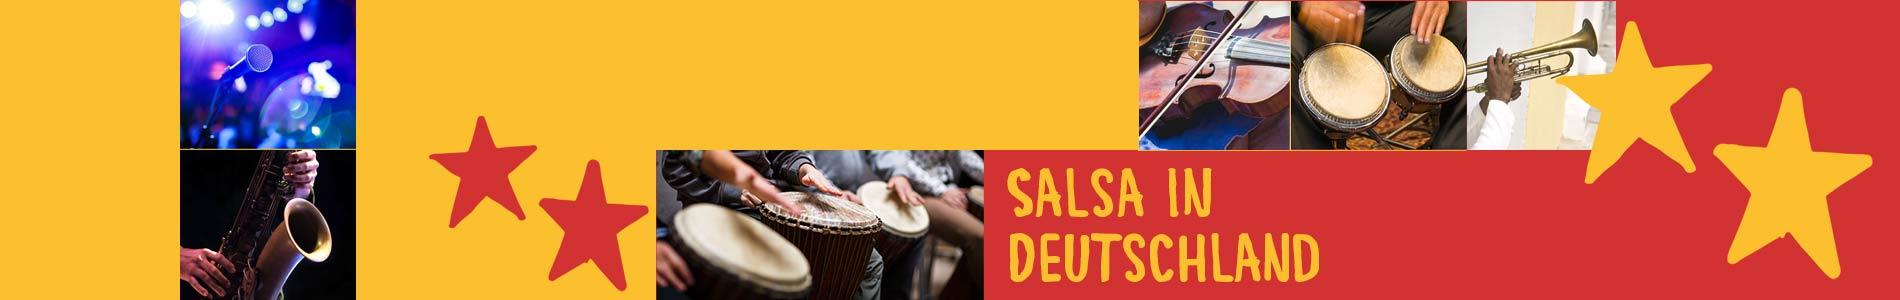 Salsa in Büddenstedt – Salsa lernen und tanzen, Tanzkurse, Partys, Veranstaltungen